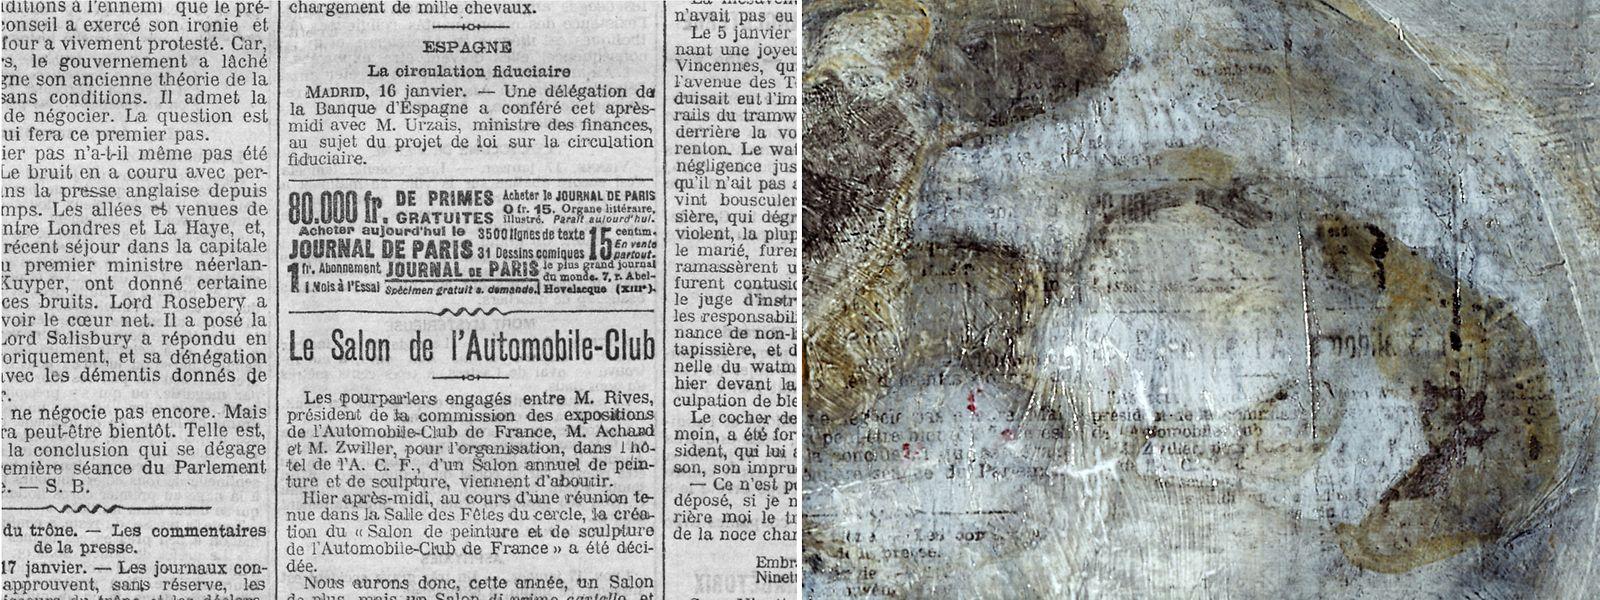 """Wissenschaftler der National Gallery of Art in Washington untersuchten das Gemälde """"Mutter und Kind am Strand"""" (1902) von Pablo Picasso  im Pola Museum of Art in Hakone, Japan."""